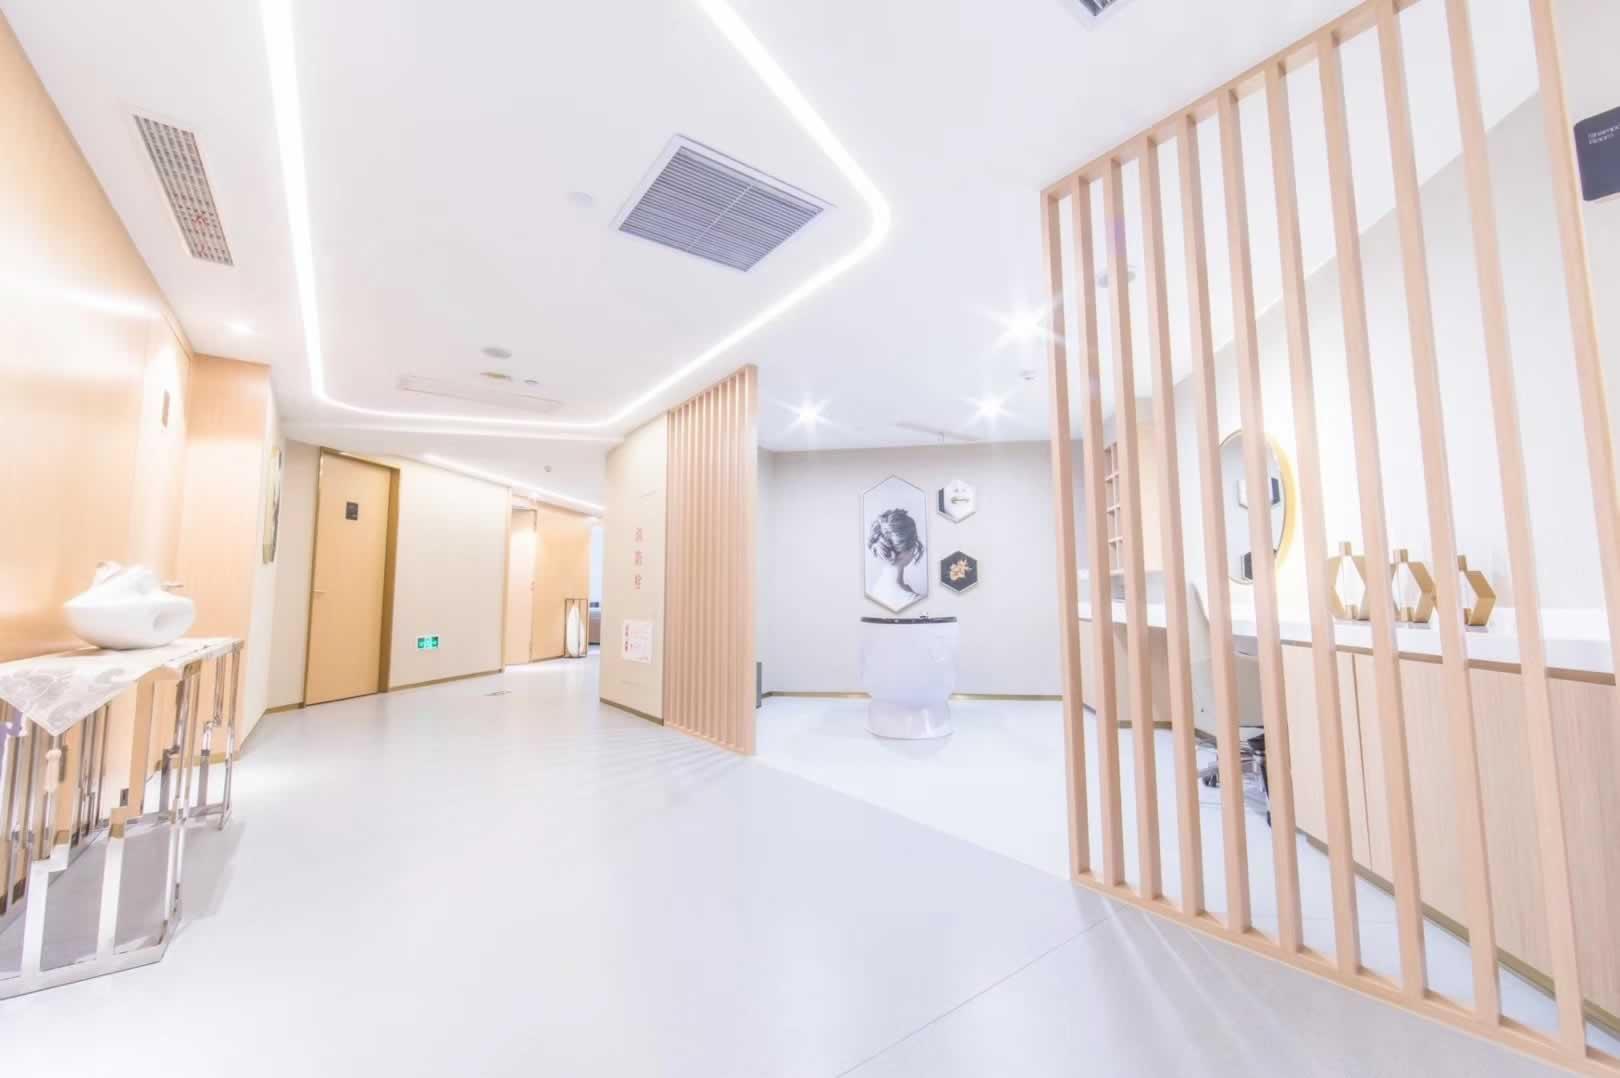 台州艺星医疗美容医院口碑如何?手术安全吗?